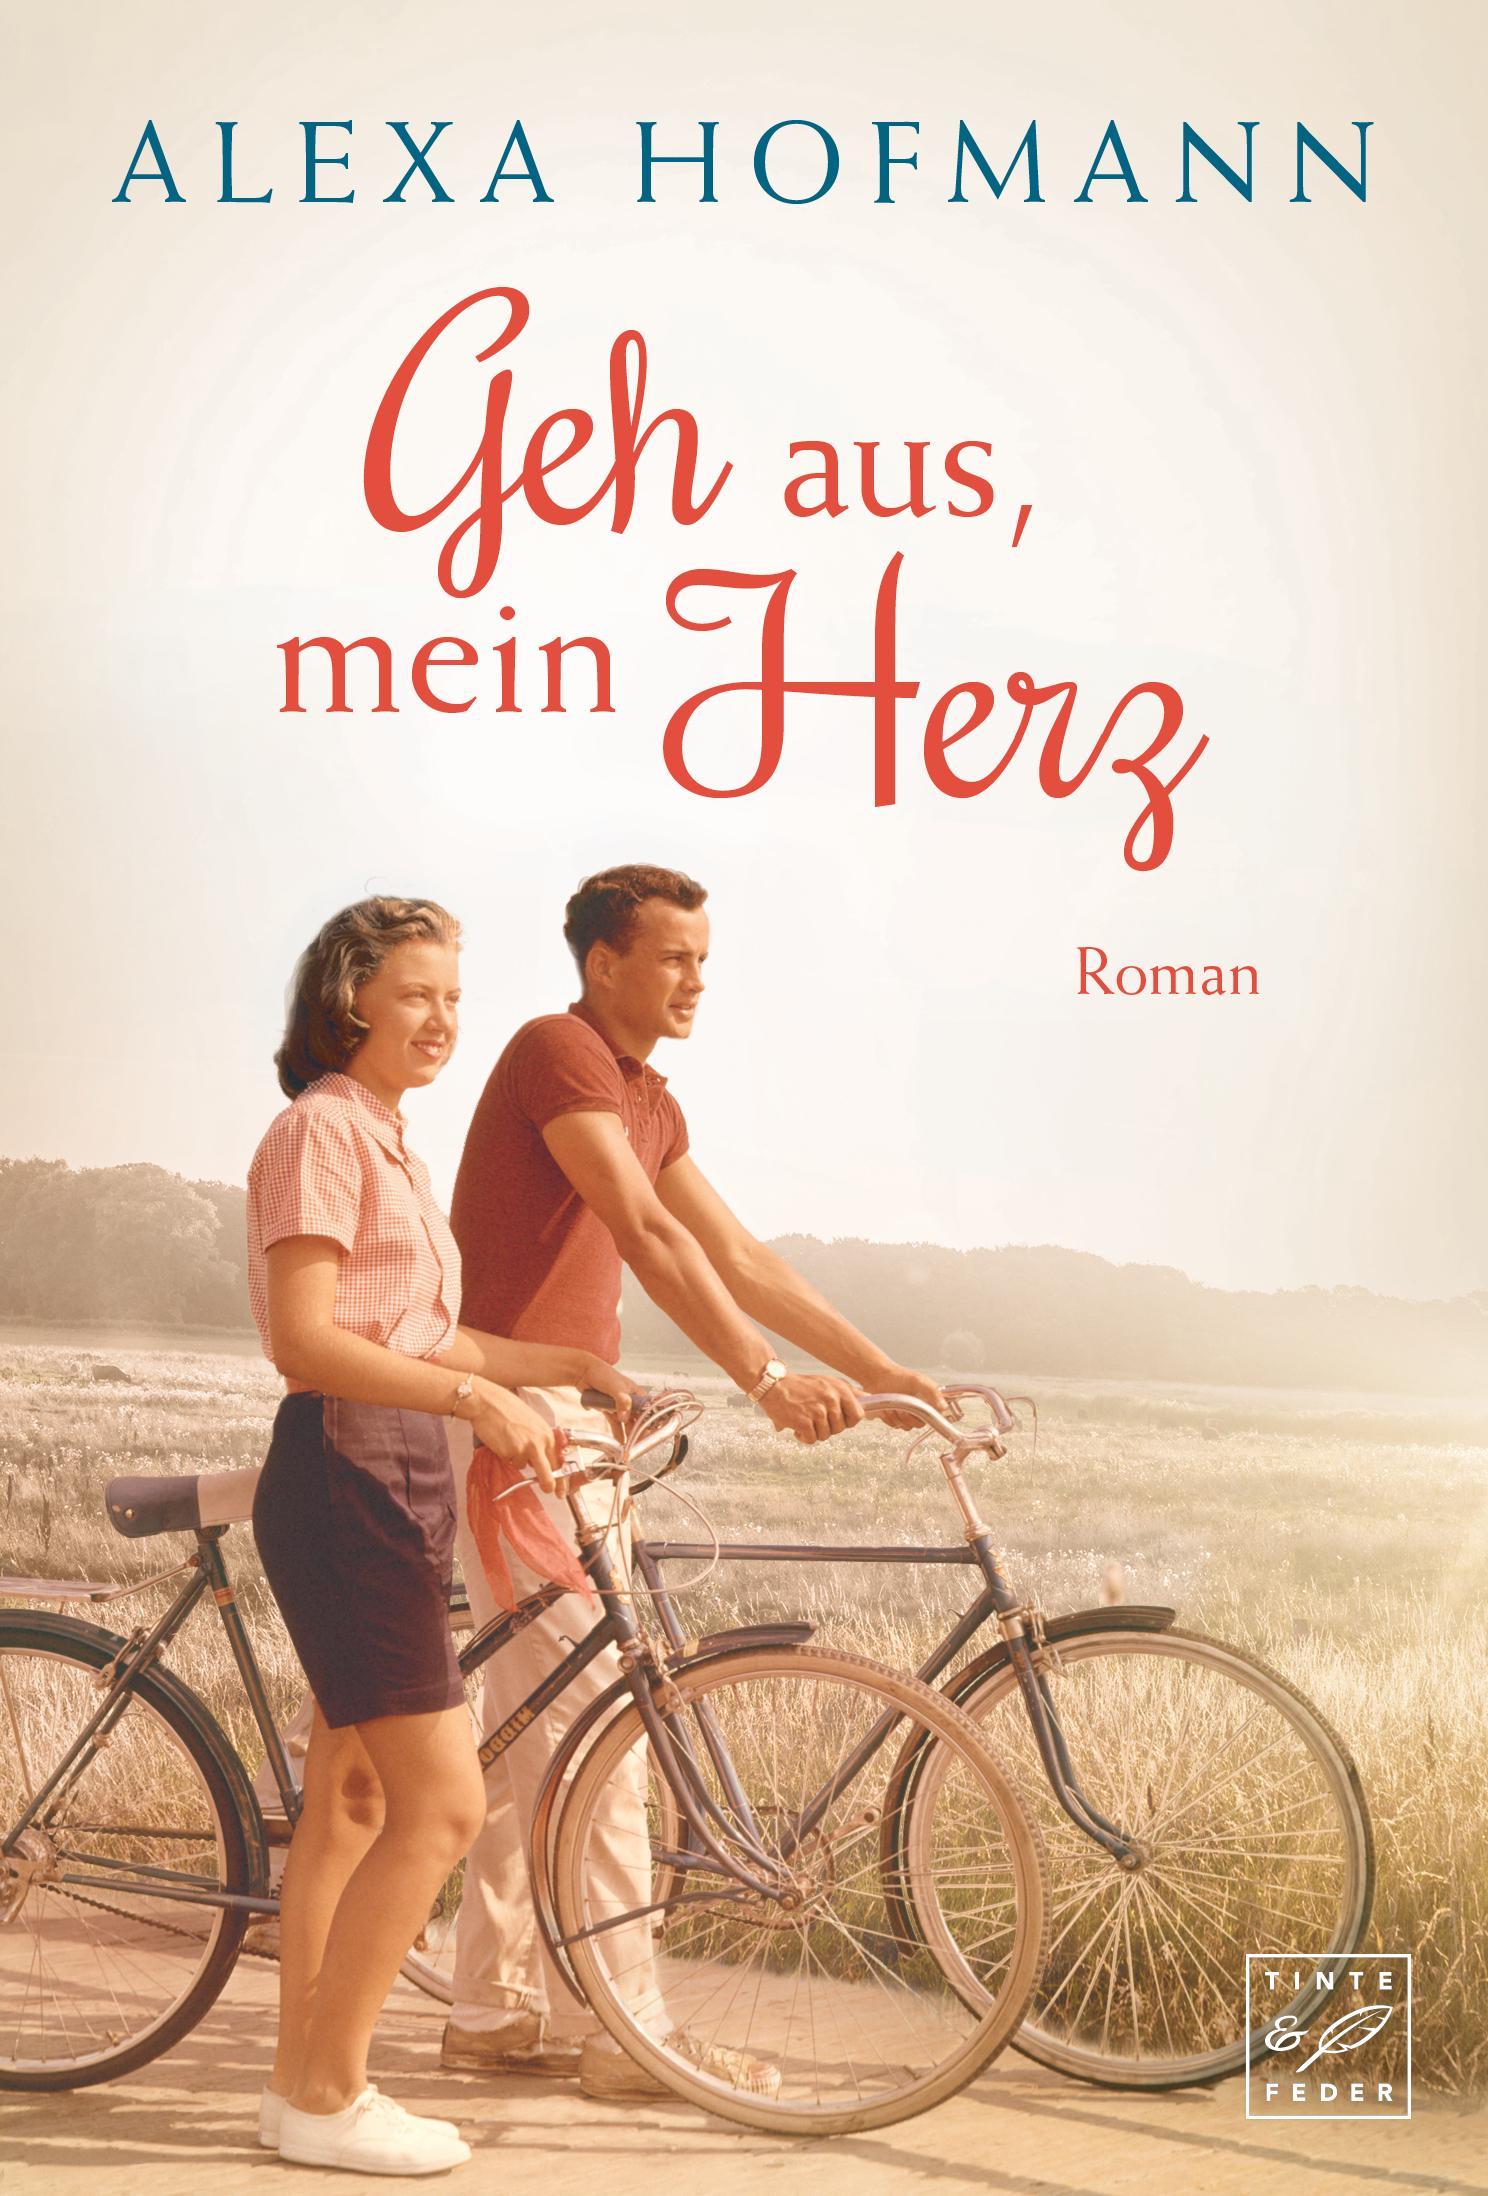 5a91e550 3dac 411c b52d 2d5f72a0d4ce - Leseförderung - Fomento de la lectura en alemán